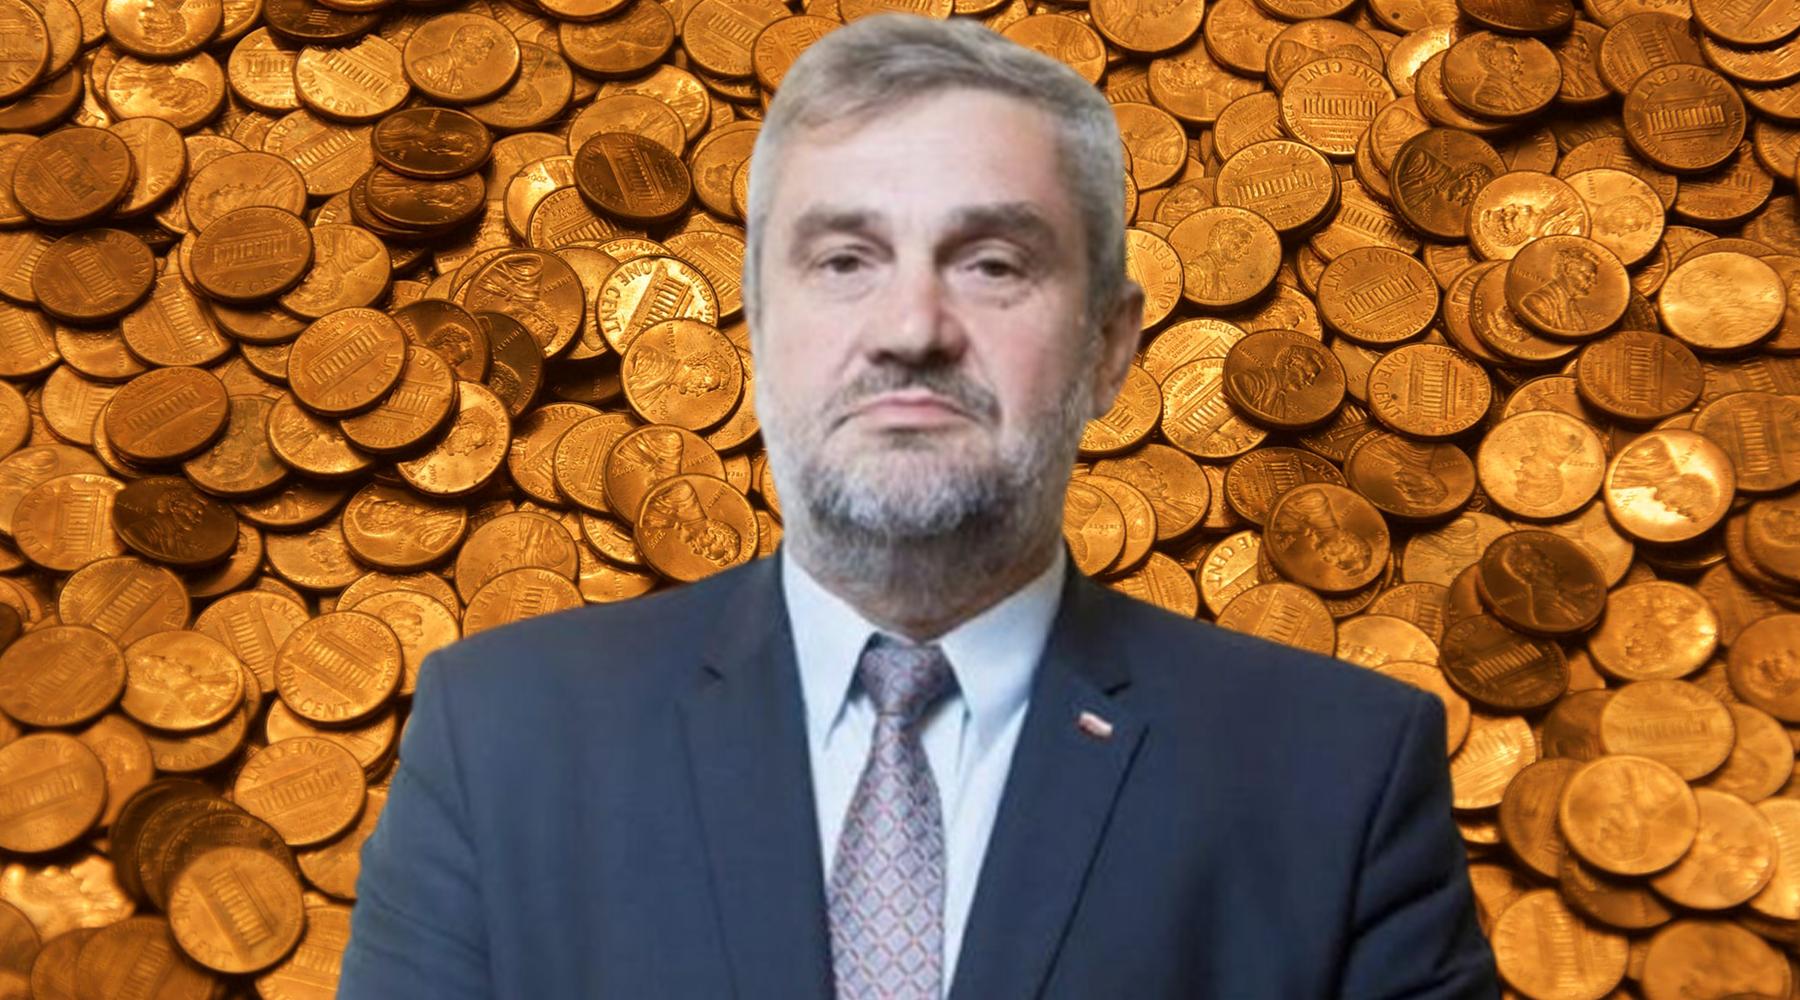 Rekordowe podwyżki wMinisterstwie Rolnictwa. Jan Ardanowski rozbił bank